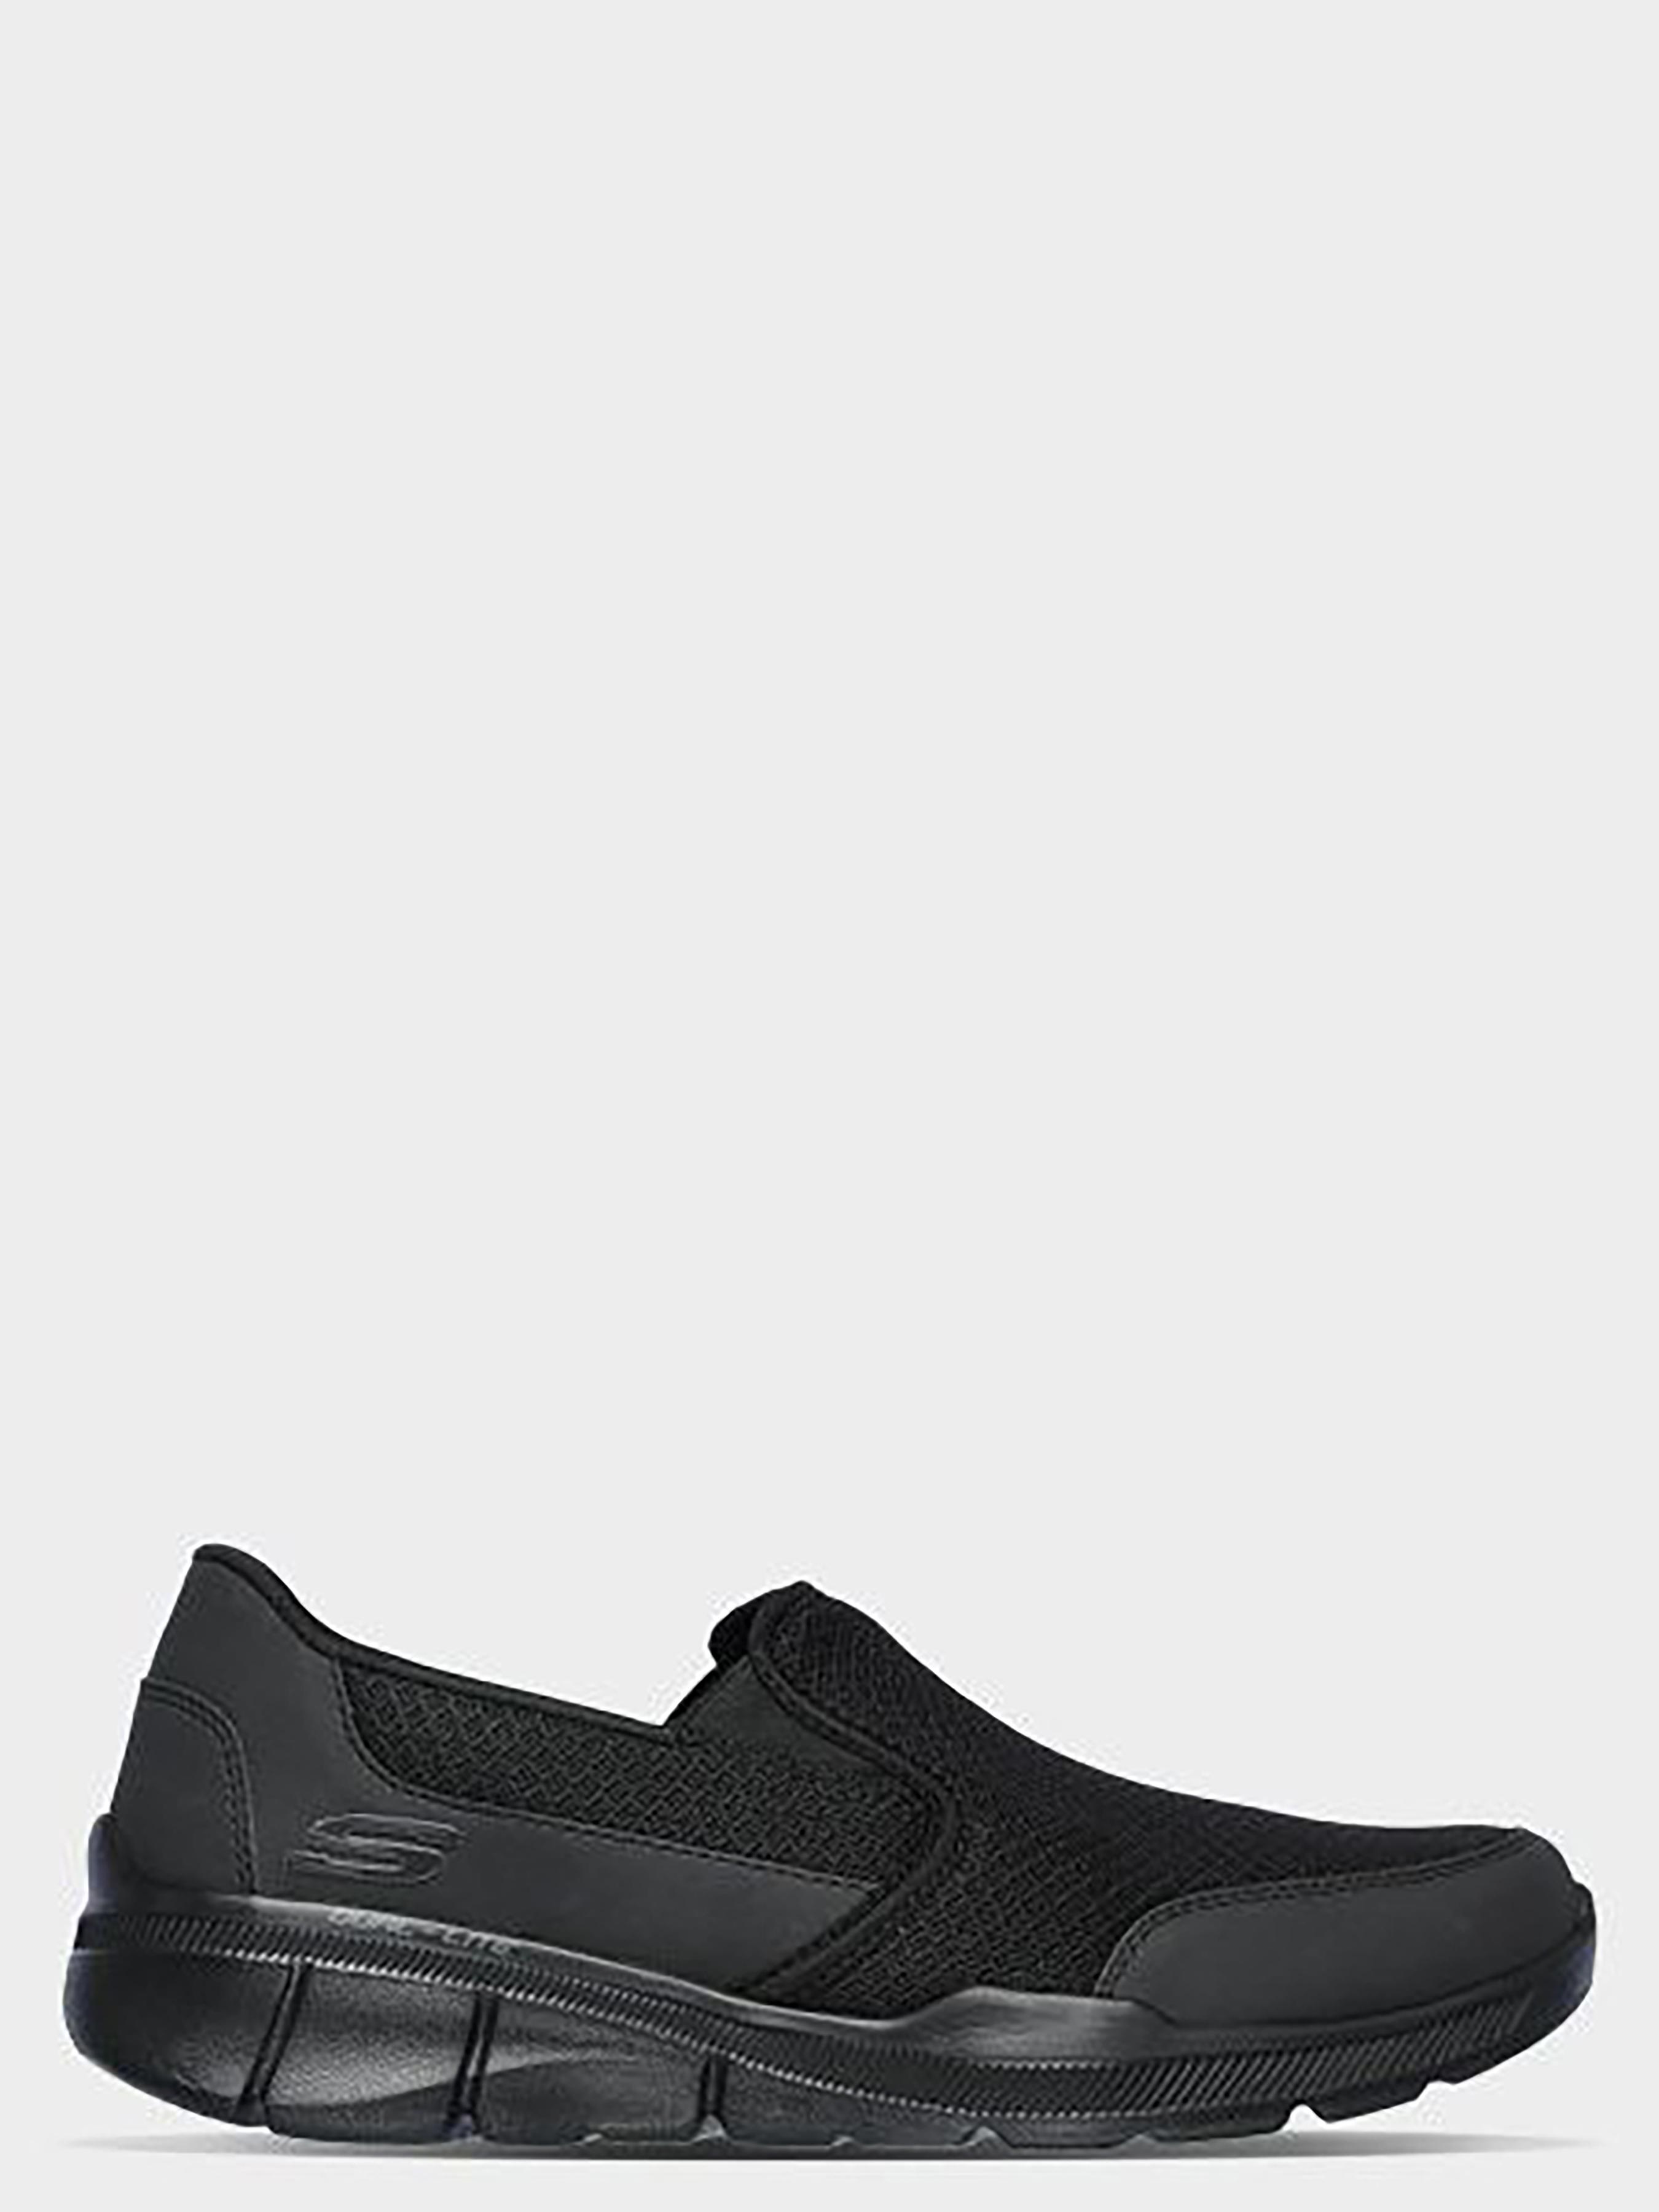 Купить Cлипоны мужские Skechers KM3085, Черный